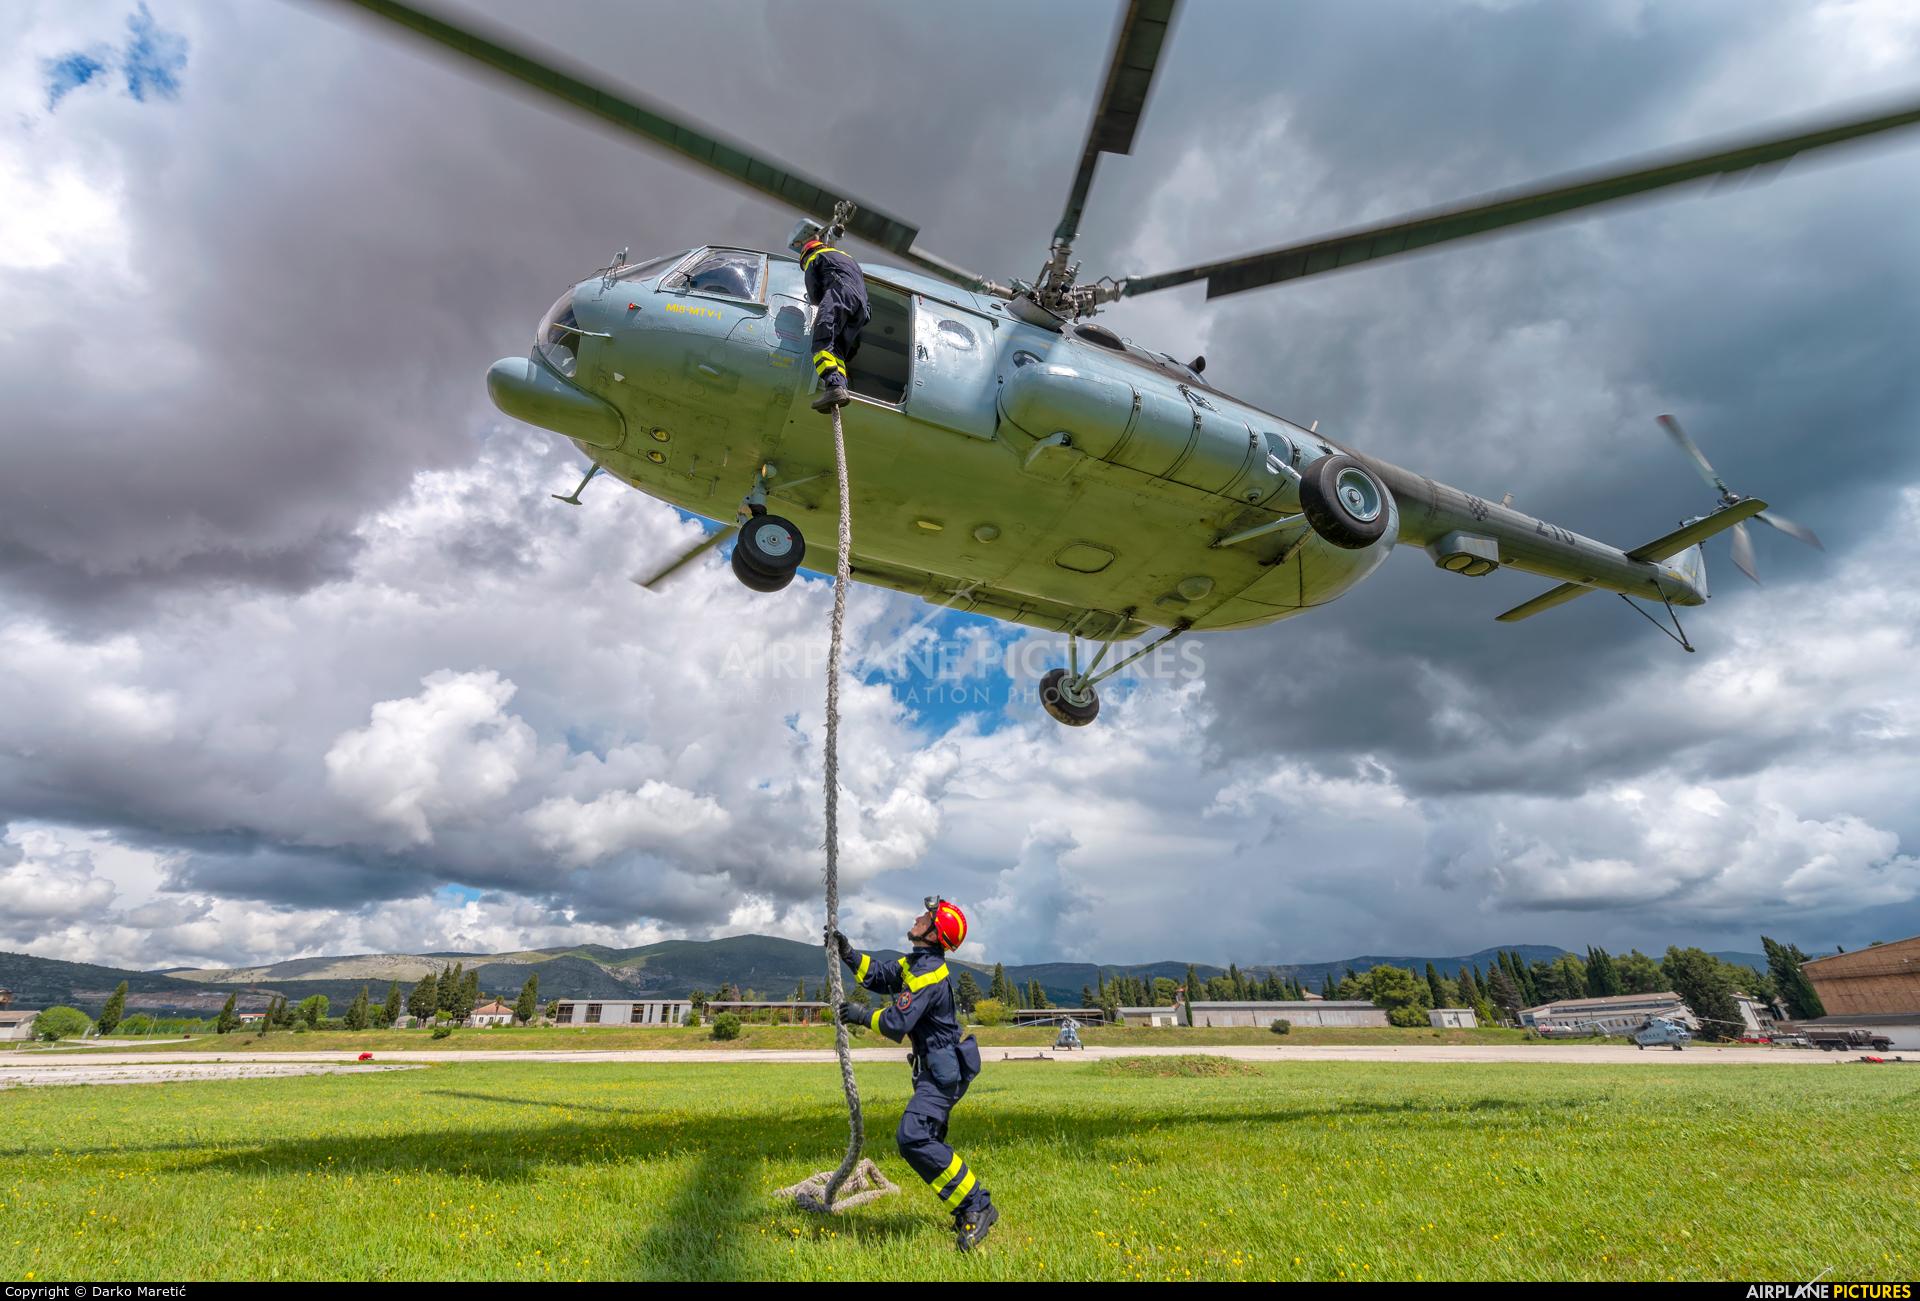 Croatia - Air Force 210 aircraft at Divulje